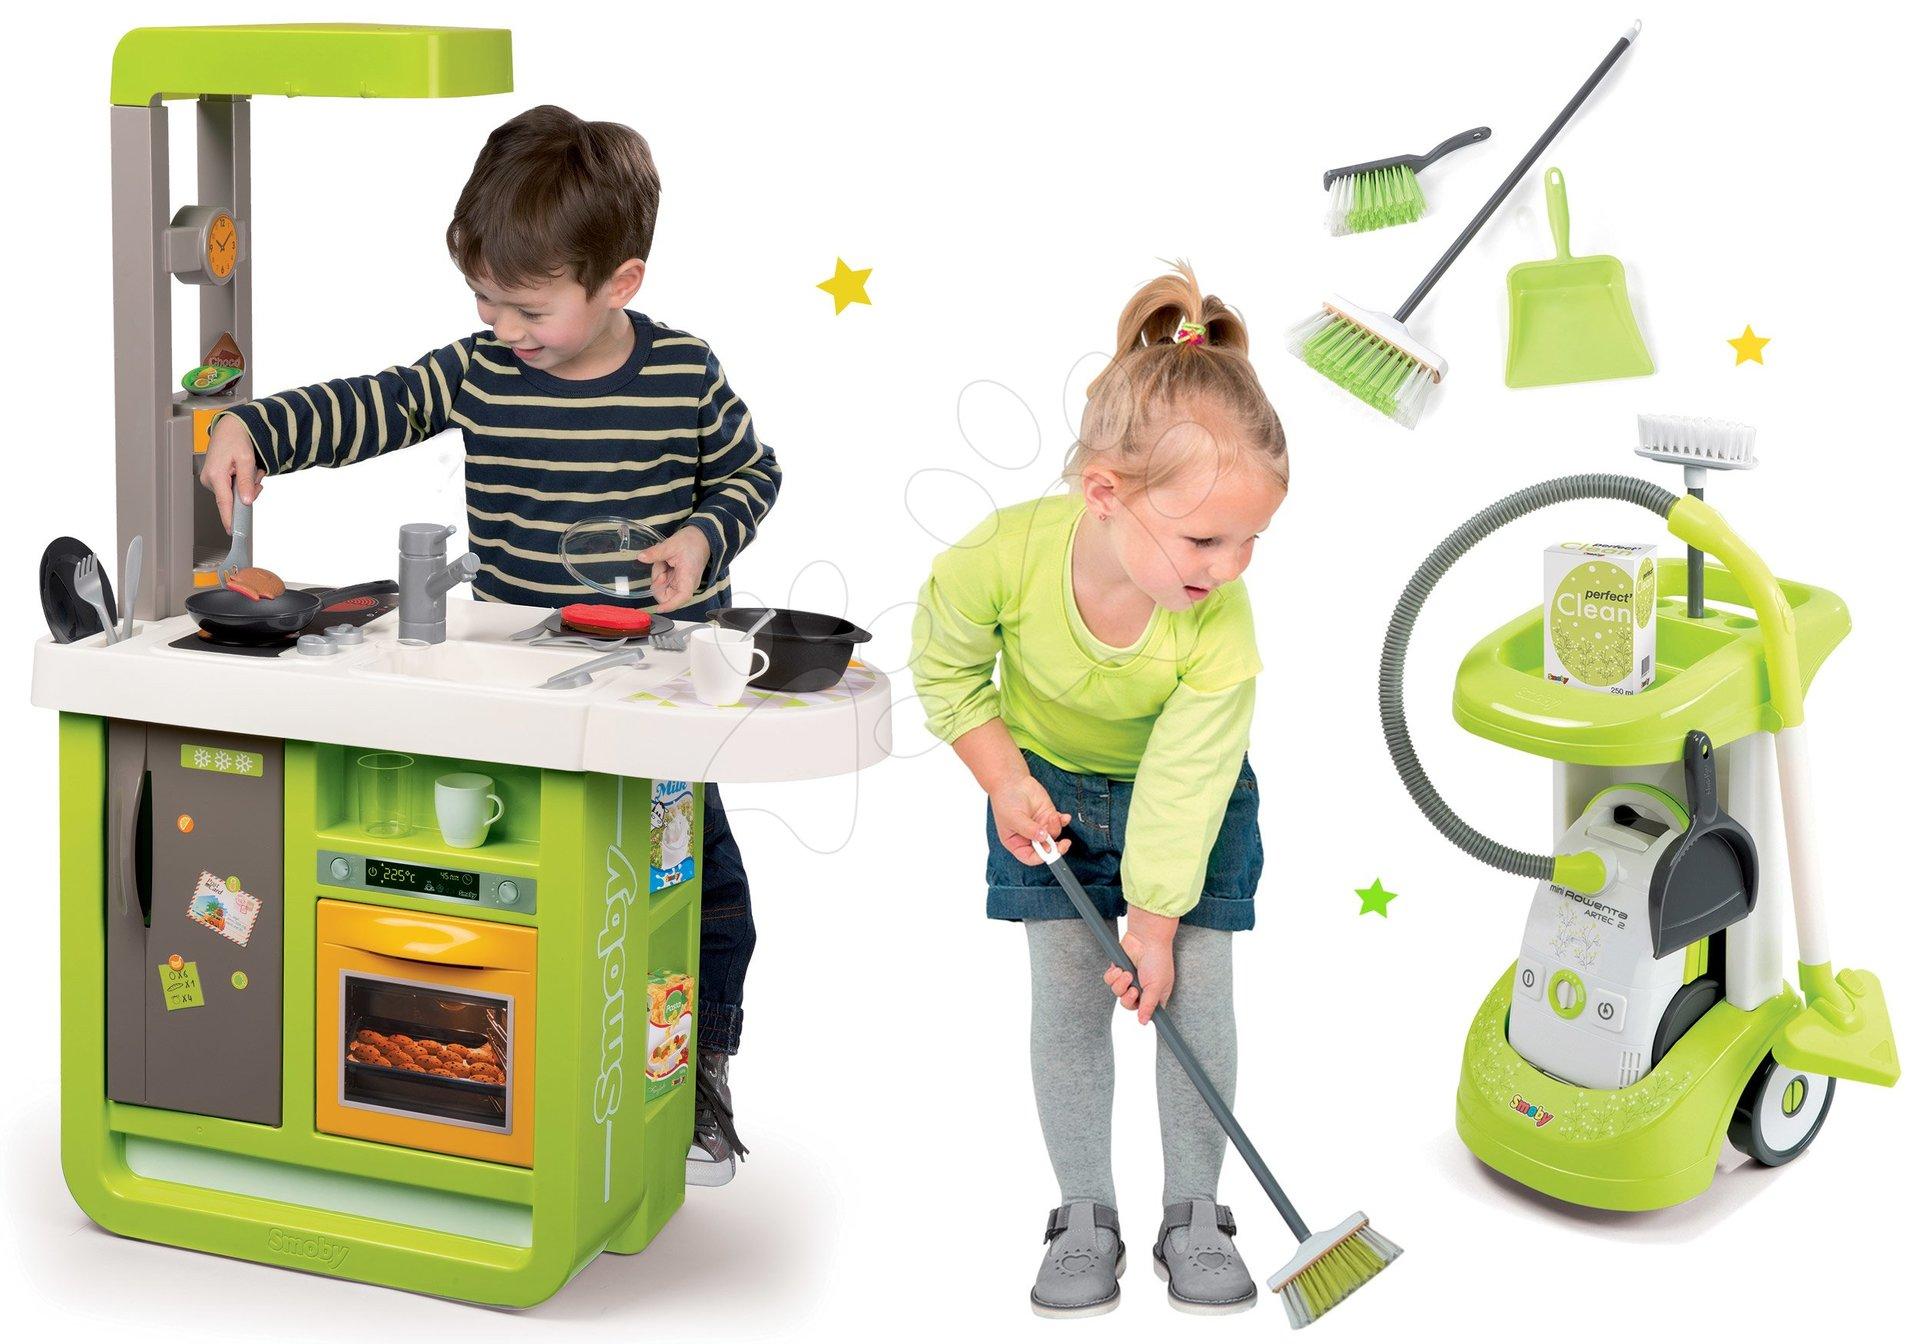 Kuchynky pre deti sety - Set kuchynka Cherry Kitchen Smoby so zvukmi a kávovarom, vozíkom, vysávačom a upratovacie pomôcky 3v1